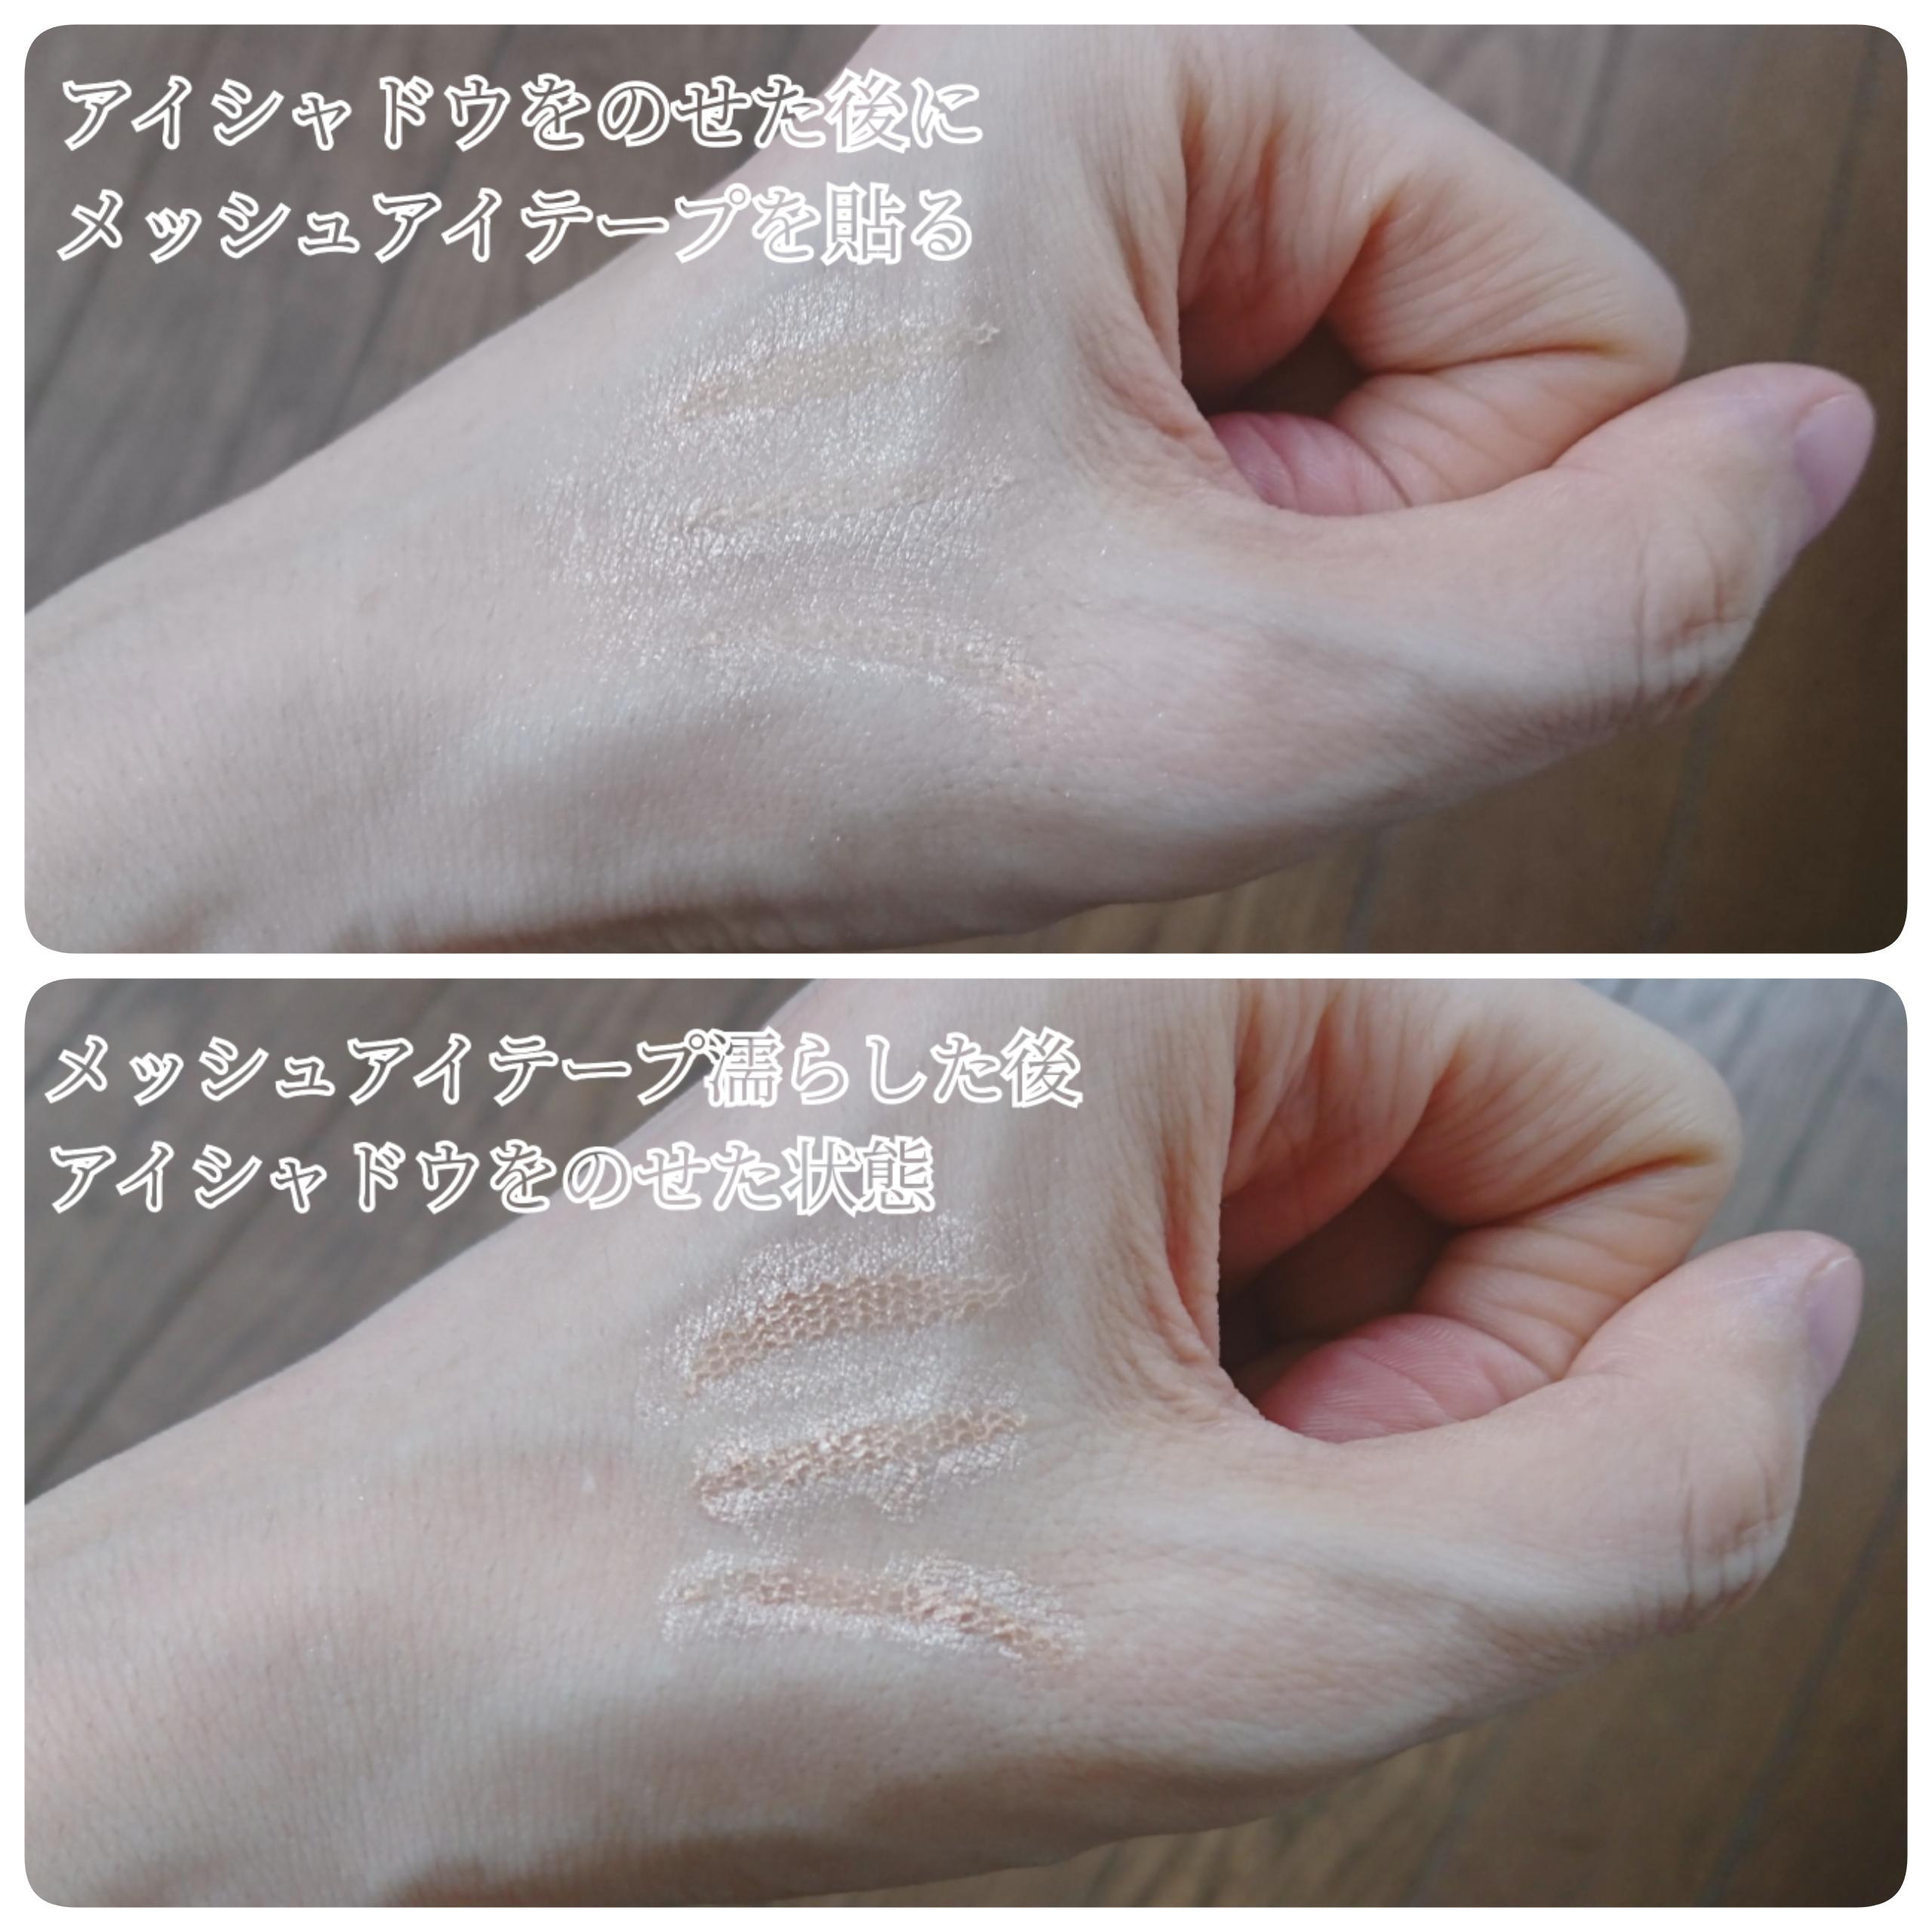 shefun(シェフン)メッシュ アイテープを使ったYuKaRi♡さんのクチコミ画像7